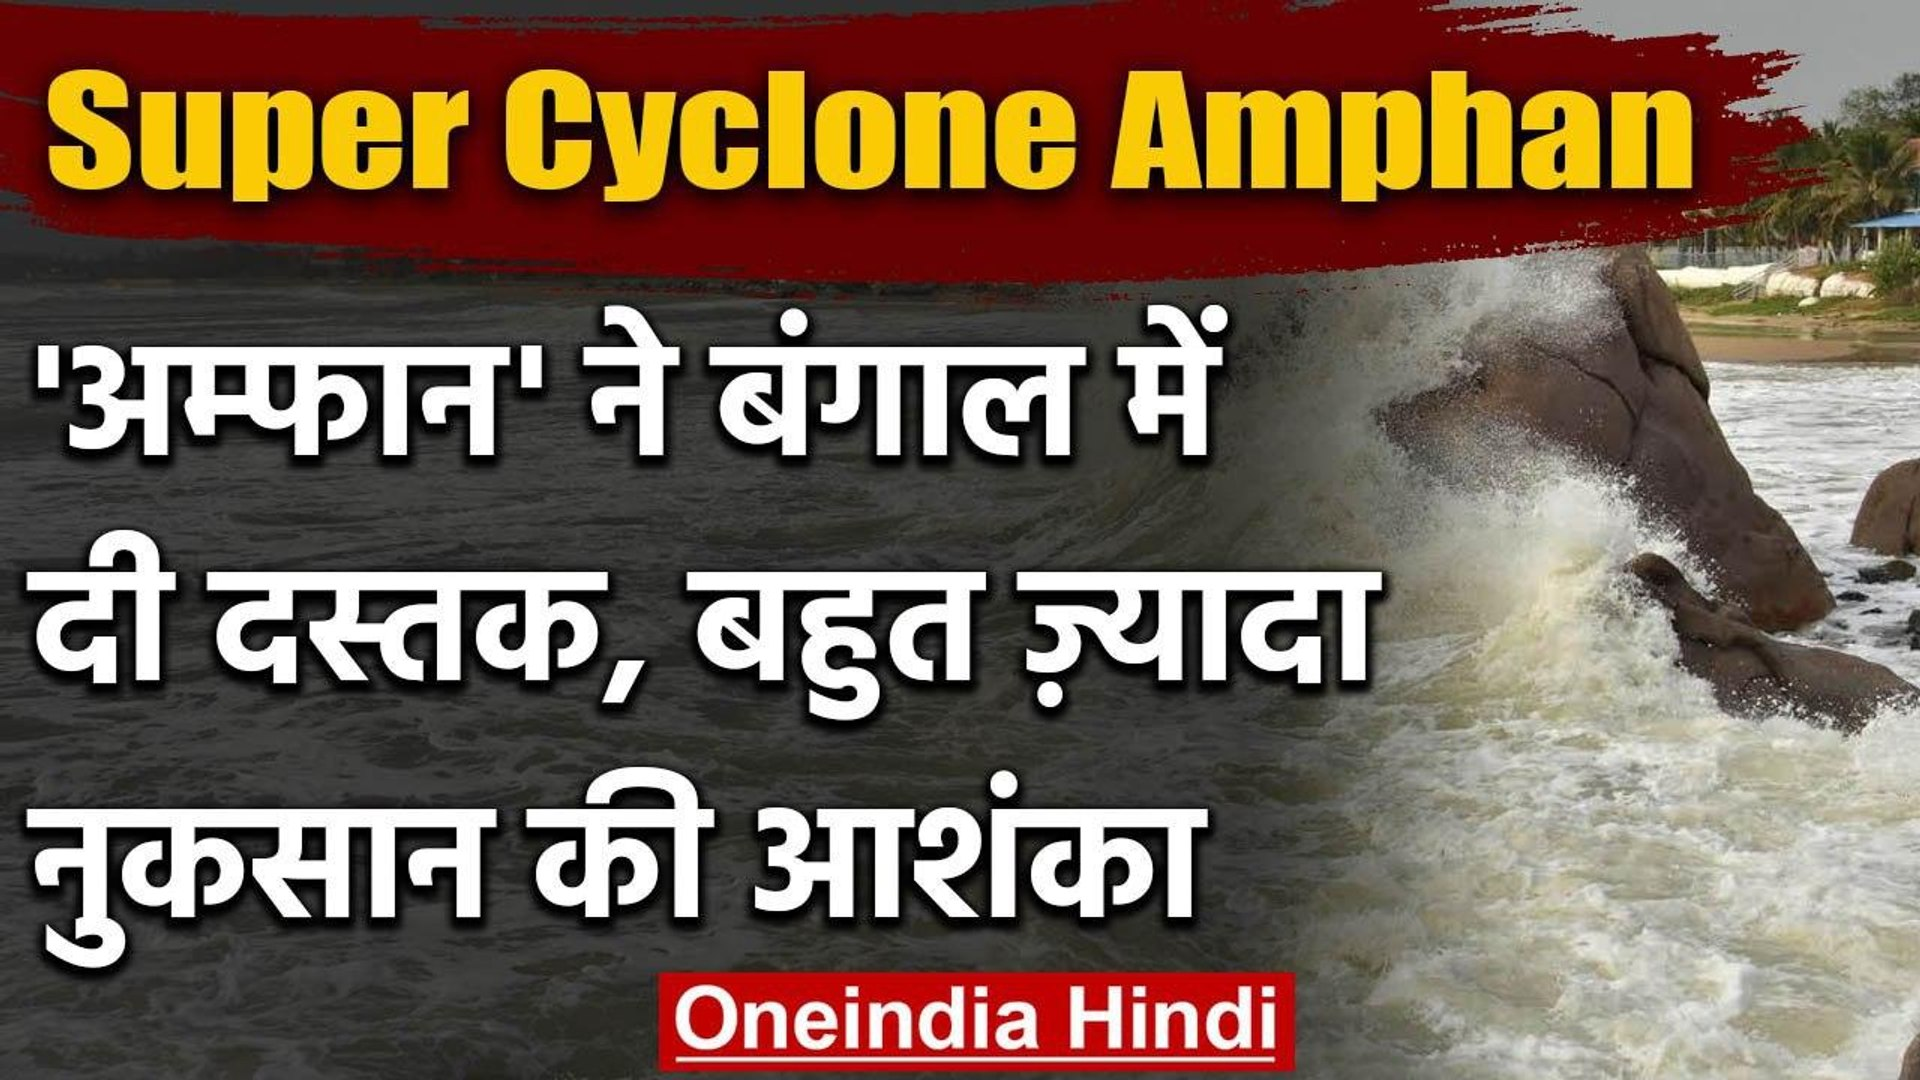 Amphan Super Cyclone : अम्फान ने पकड़ी रफ्तार, West Bengal के लिए बना मुसीबत | IMD | वनइंडिया हिंदी